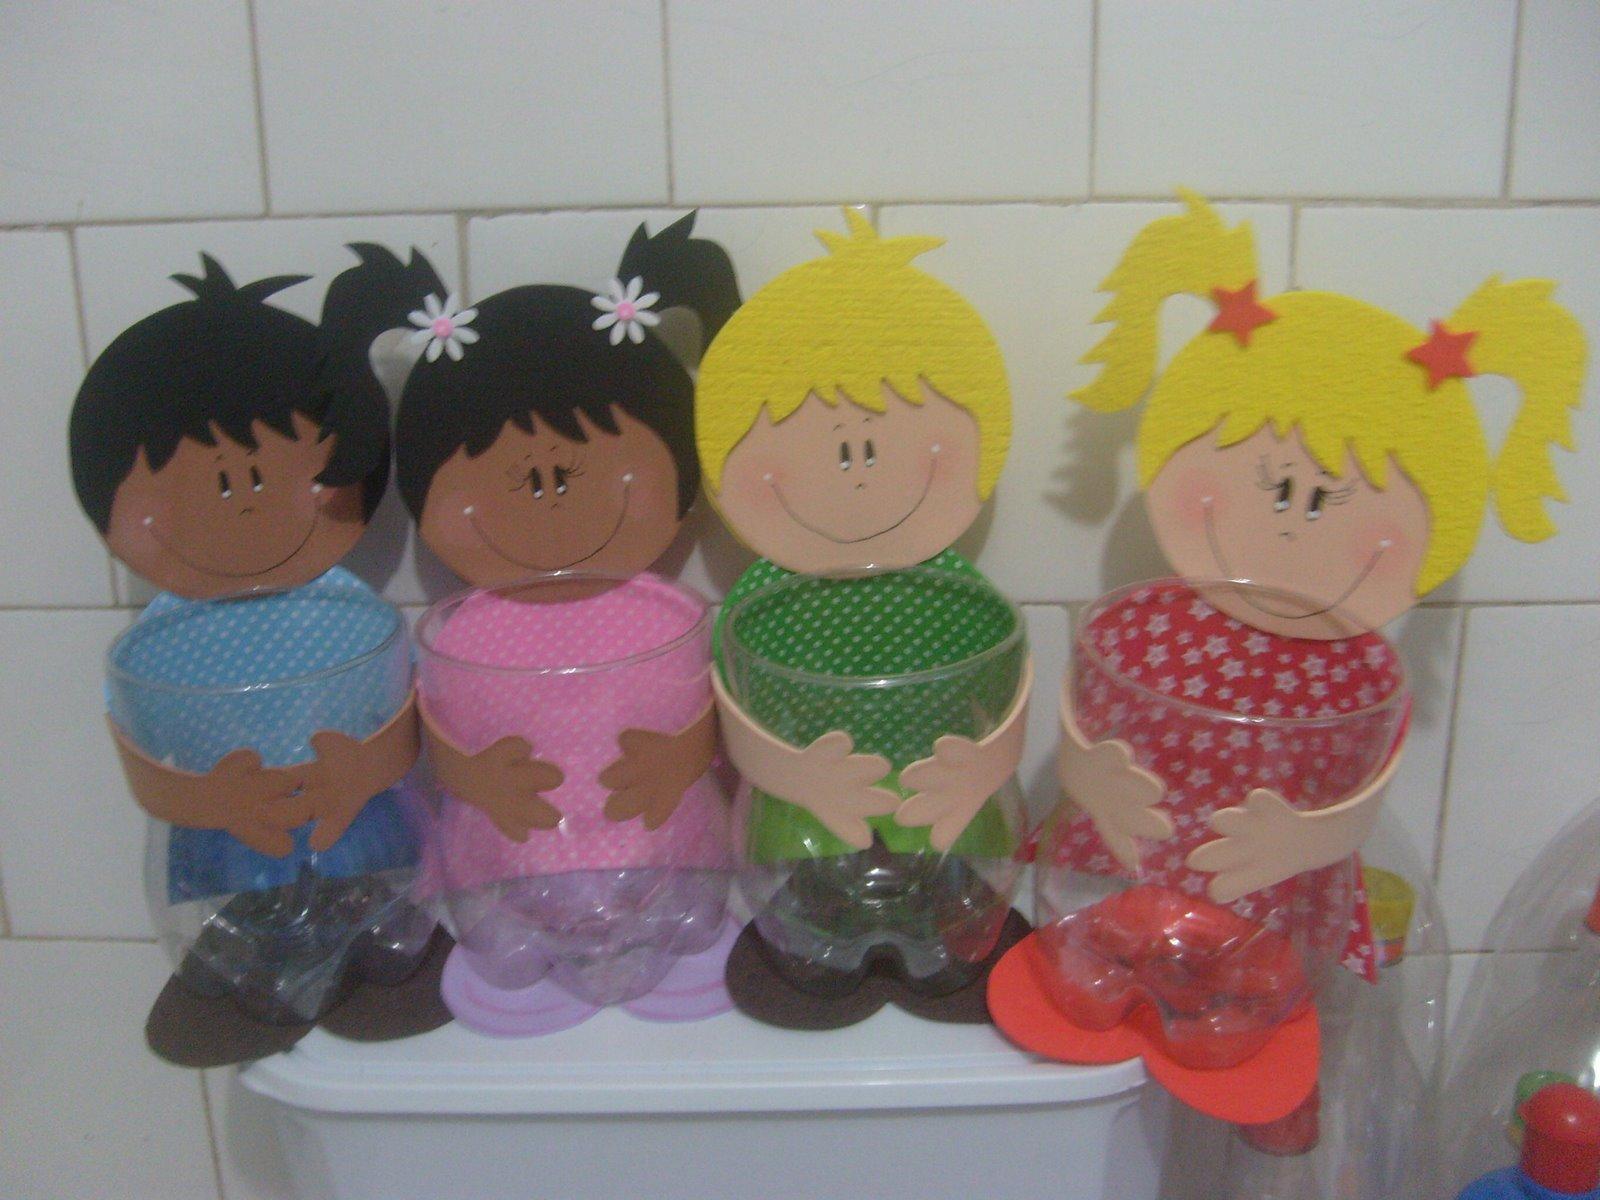 Dulceros con material reciclable para niños - Imagui